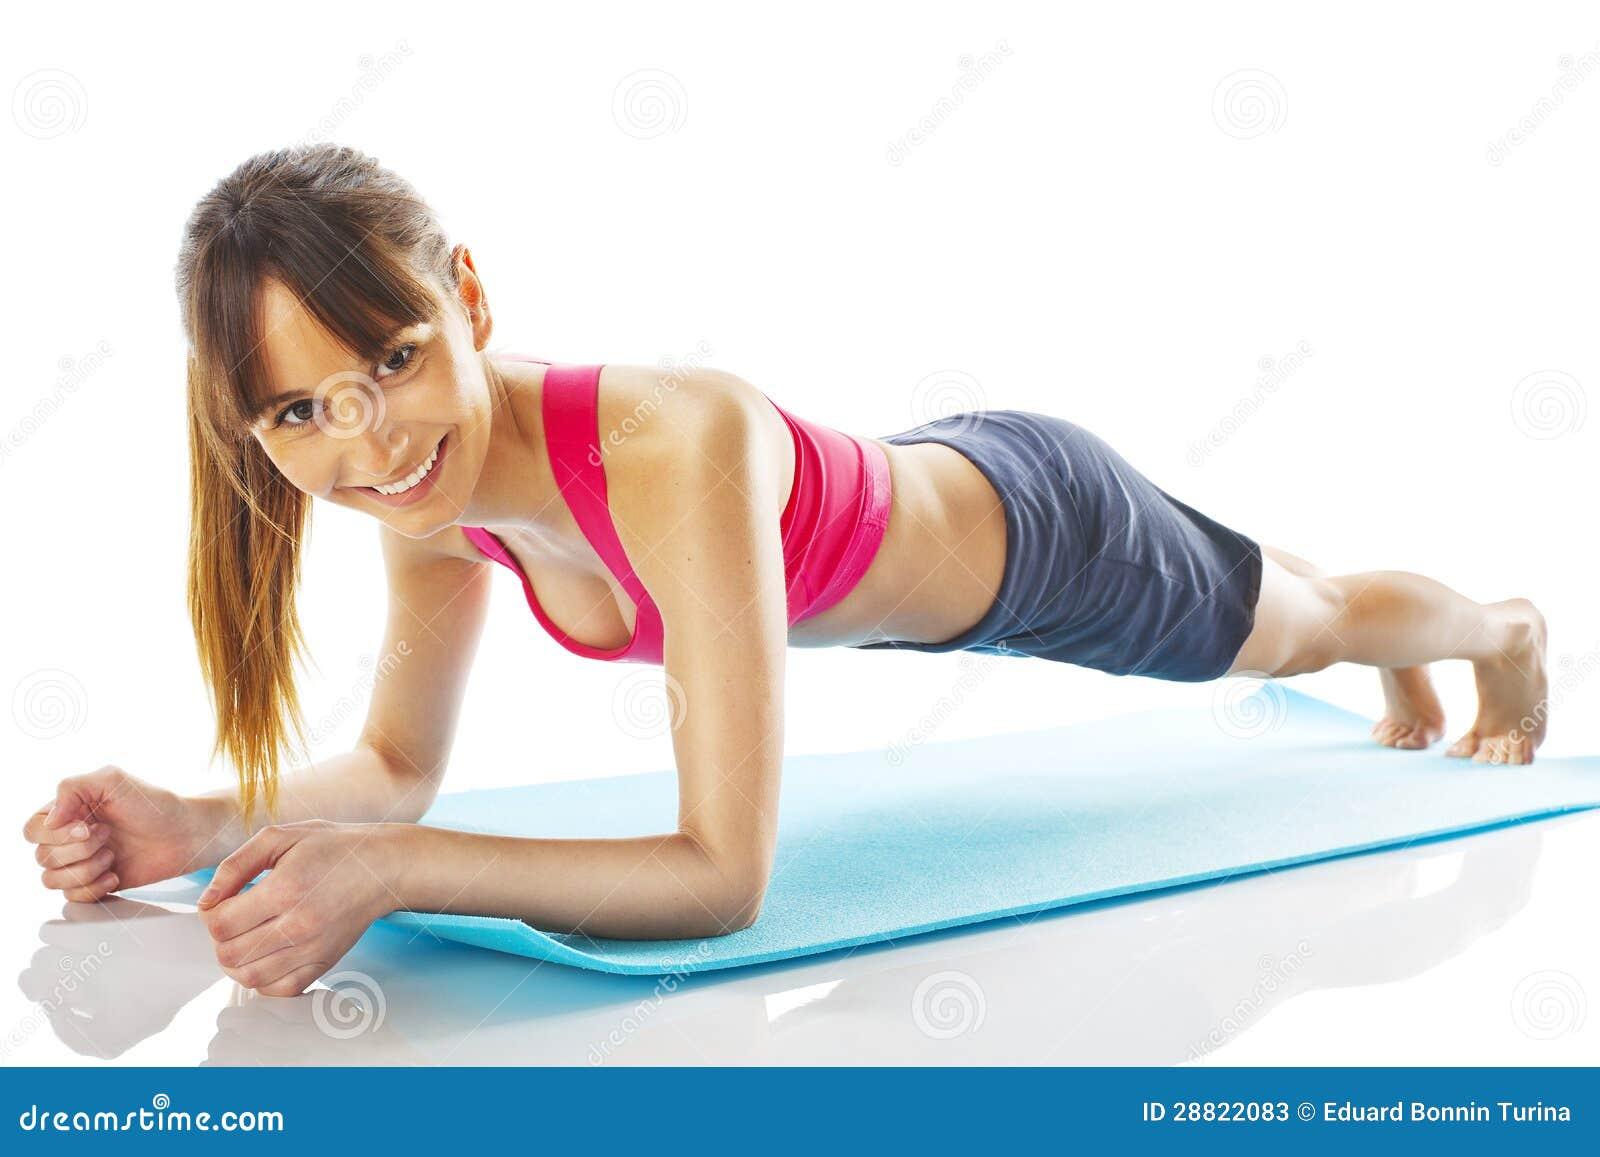 Силовая аэробика для похудения: виды тренинга, упражнения